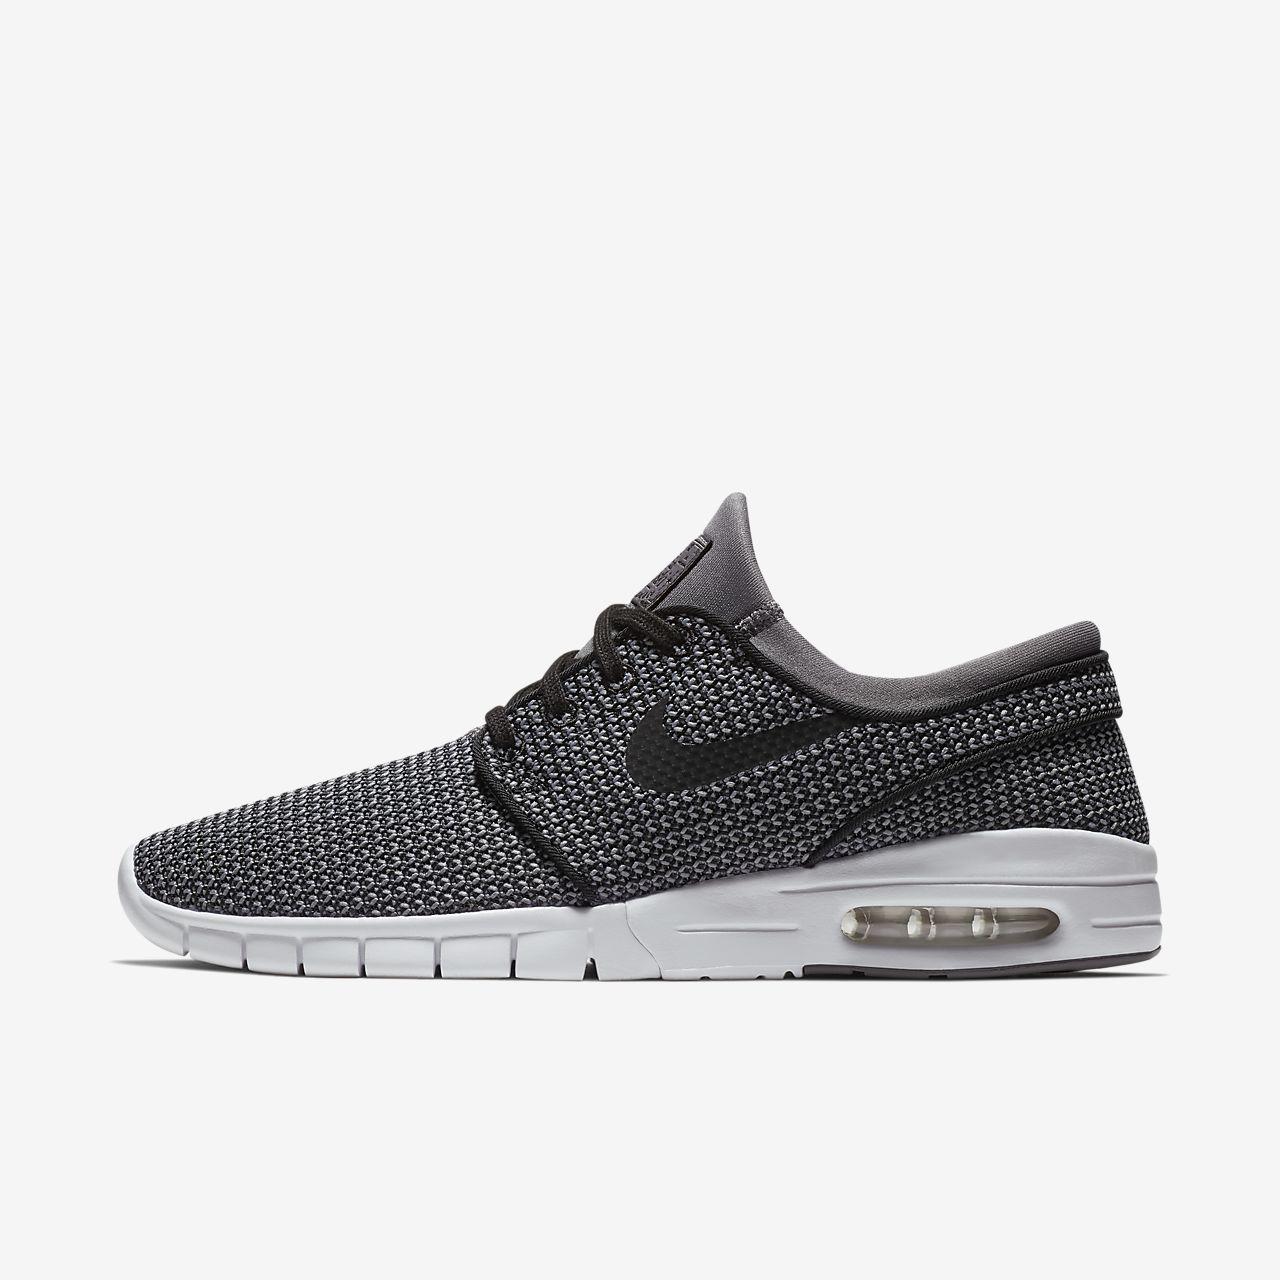 ... Chaussure de skateboard Nike SB Stefan Janoski Max pour Homme